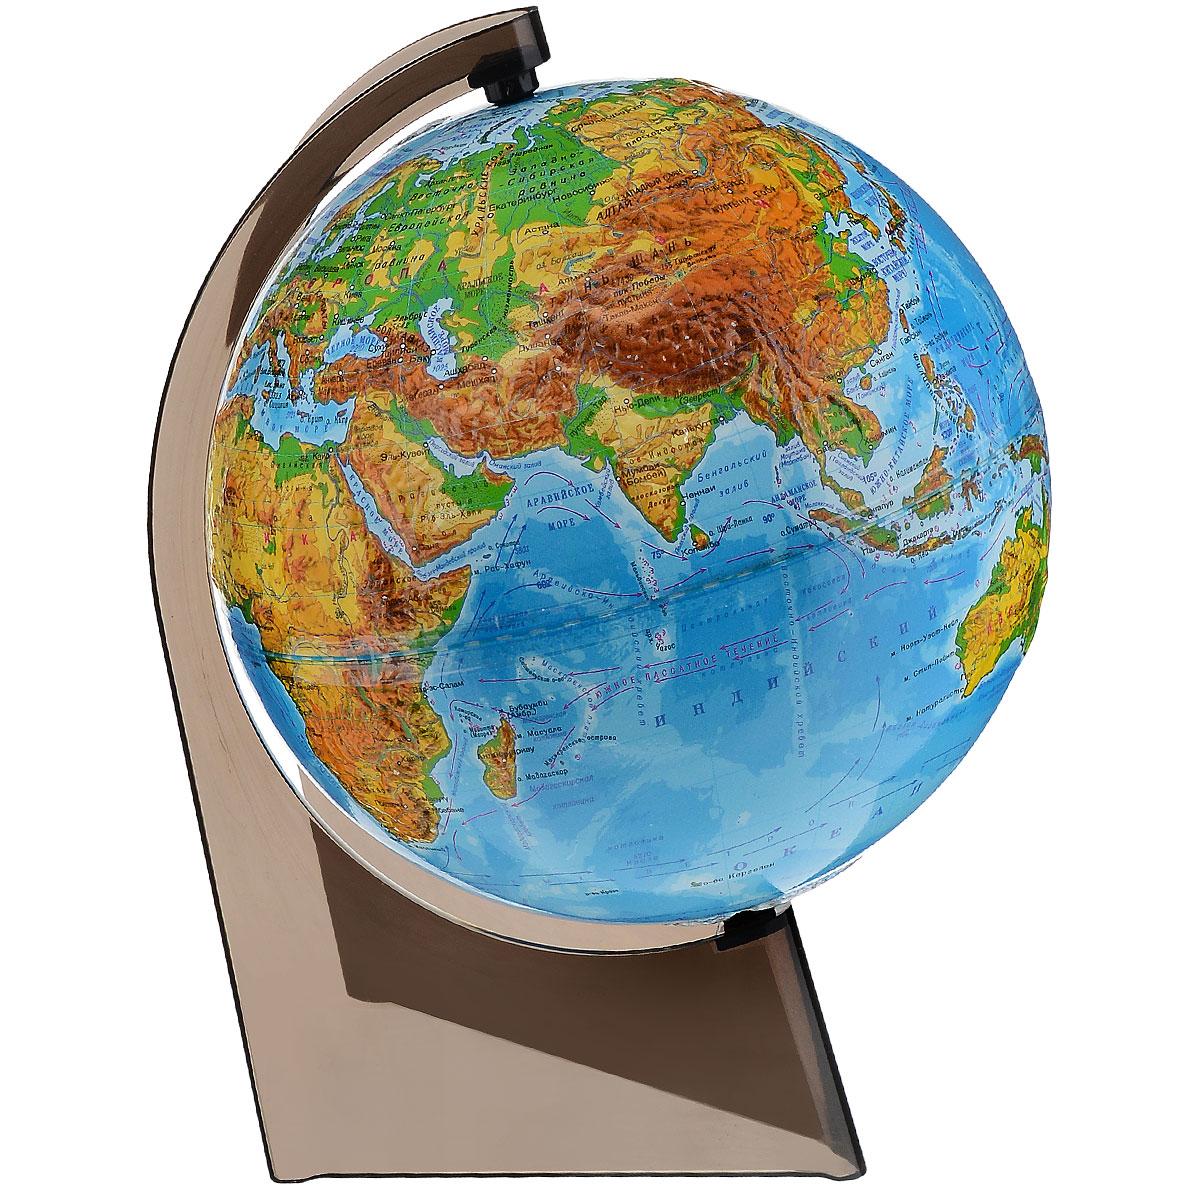 Глобусный мир Глобус с физической картой, рельефный, диаметр 21 см, на подставке 10275